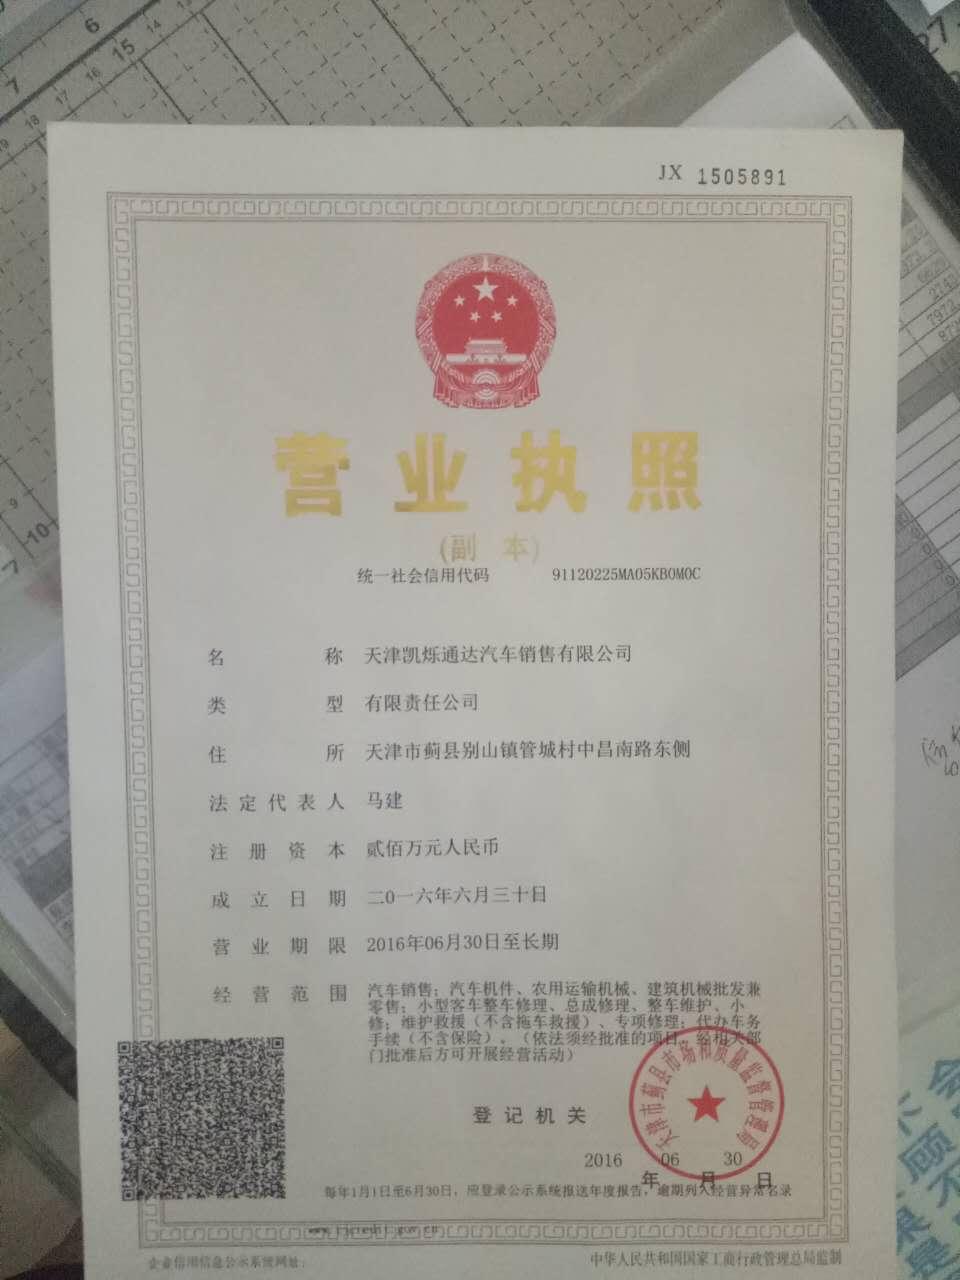 天津凯烁通达汽车销售有限公司